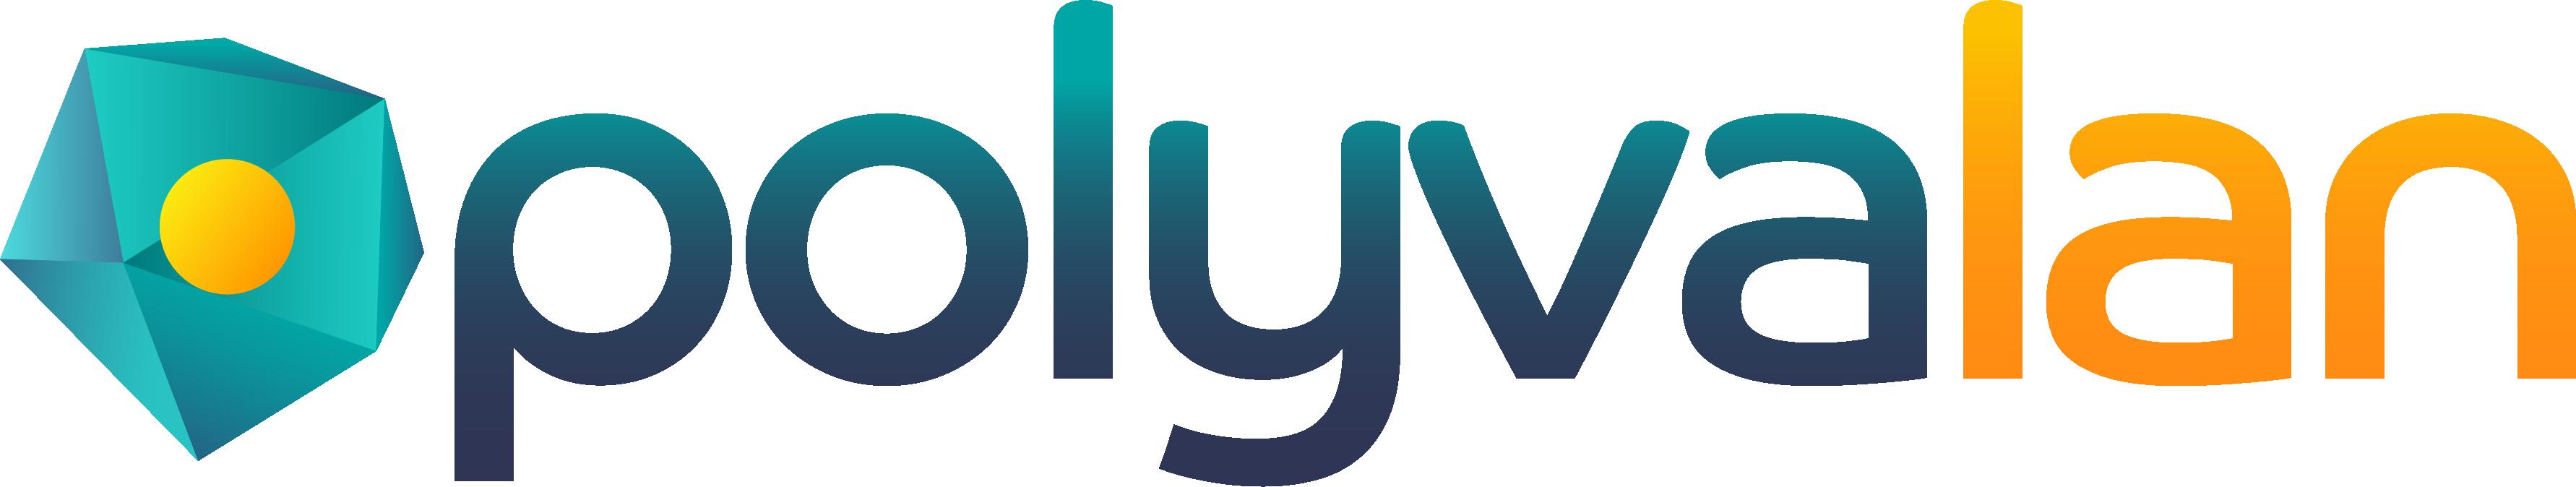 polyvalan-logo-v2-13-01-19